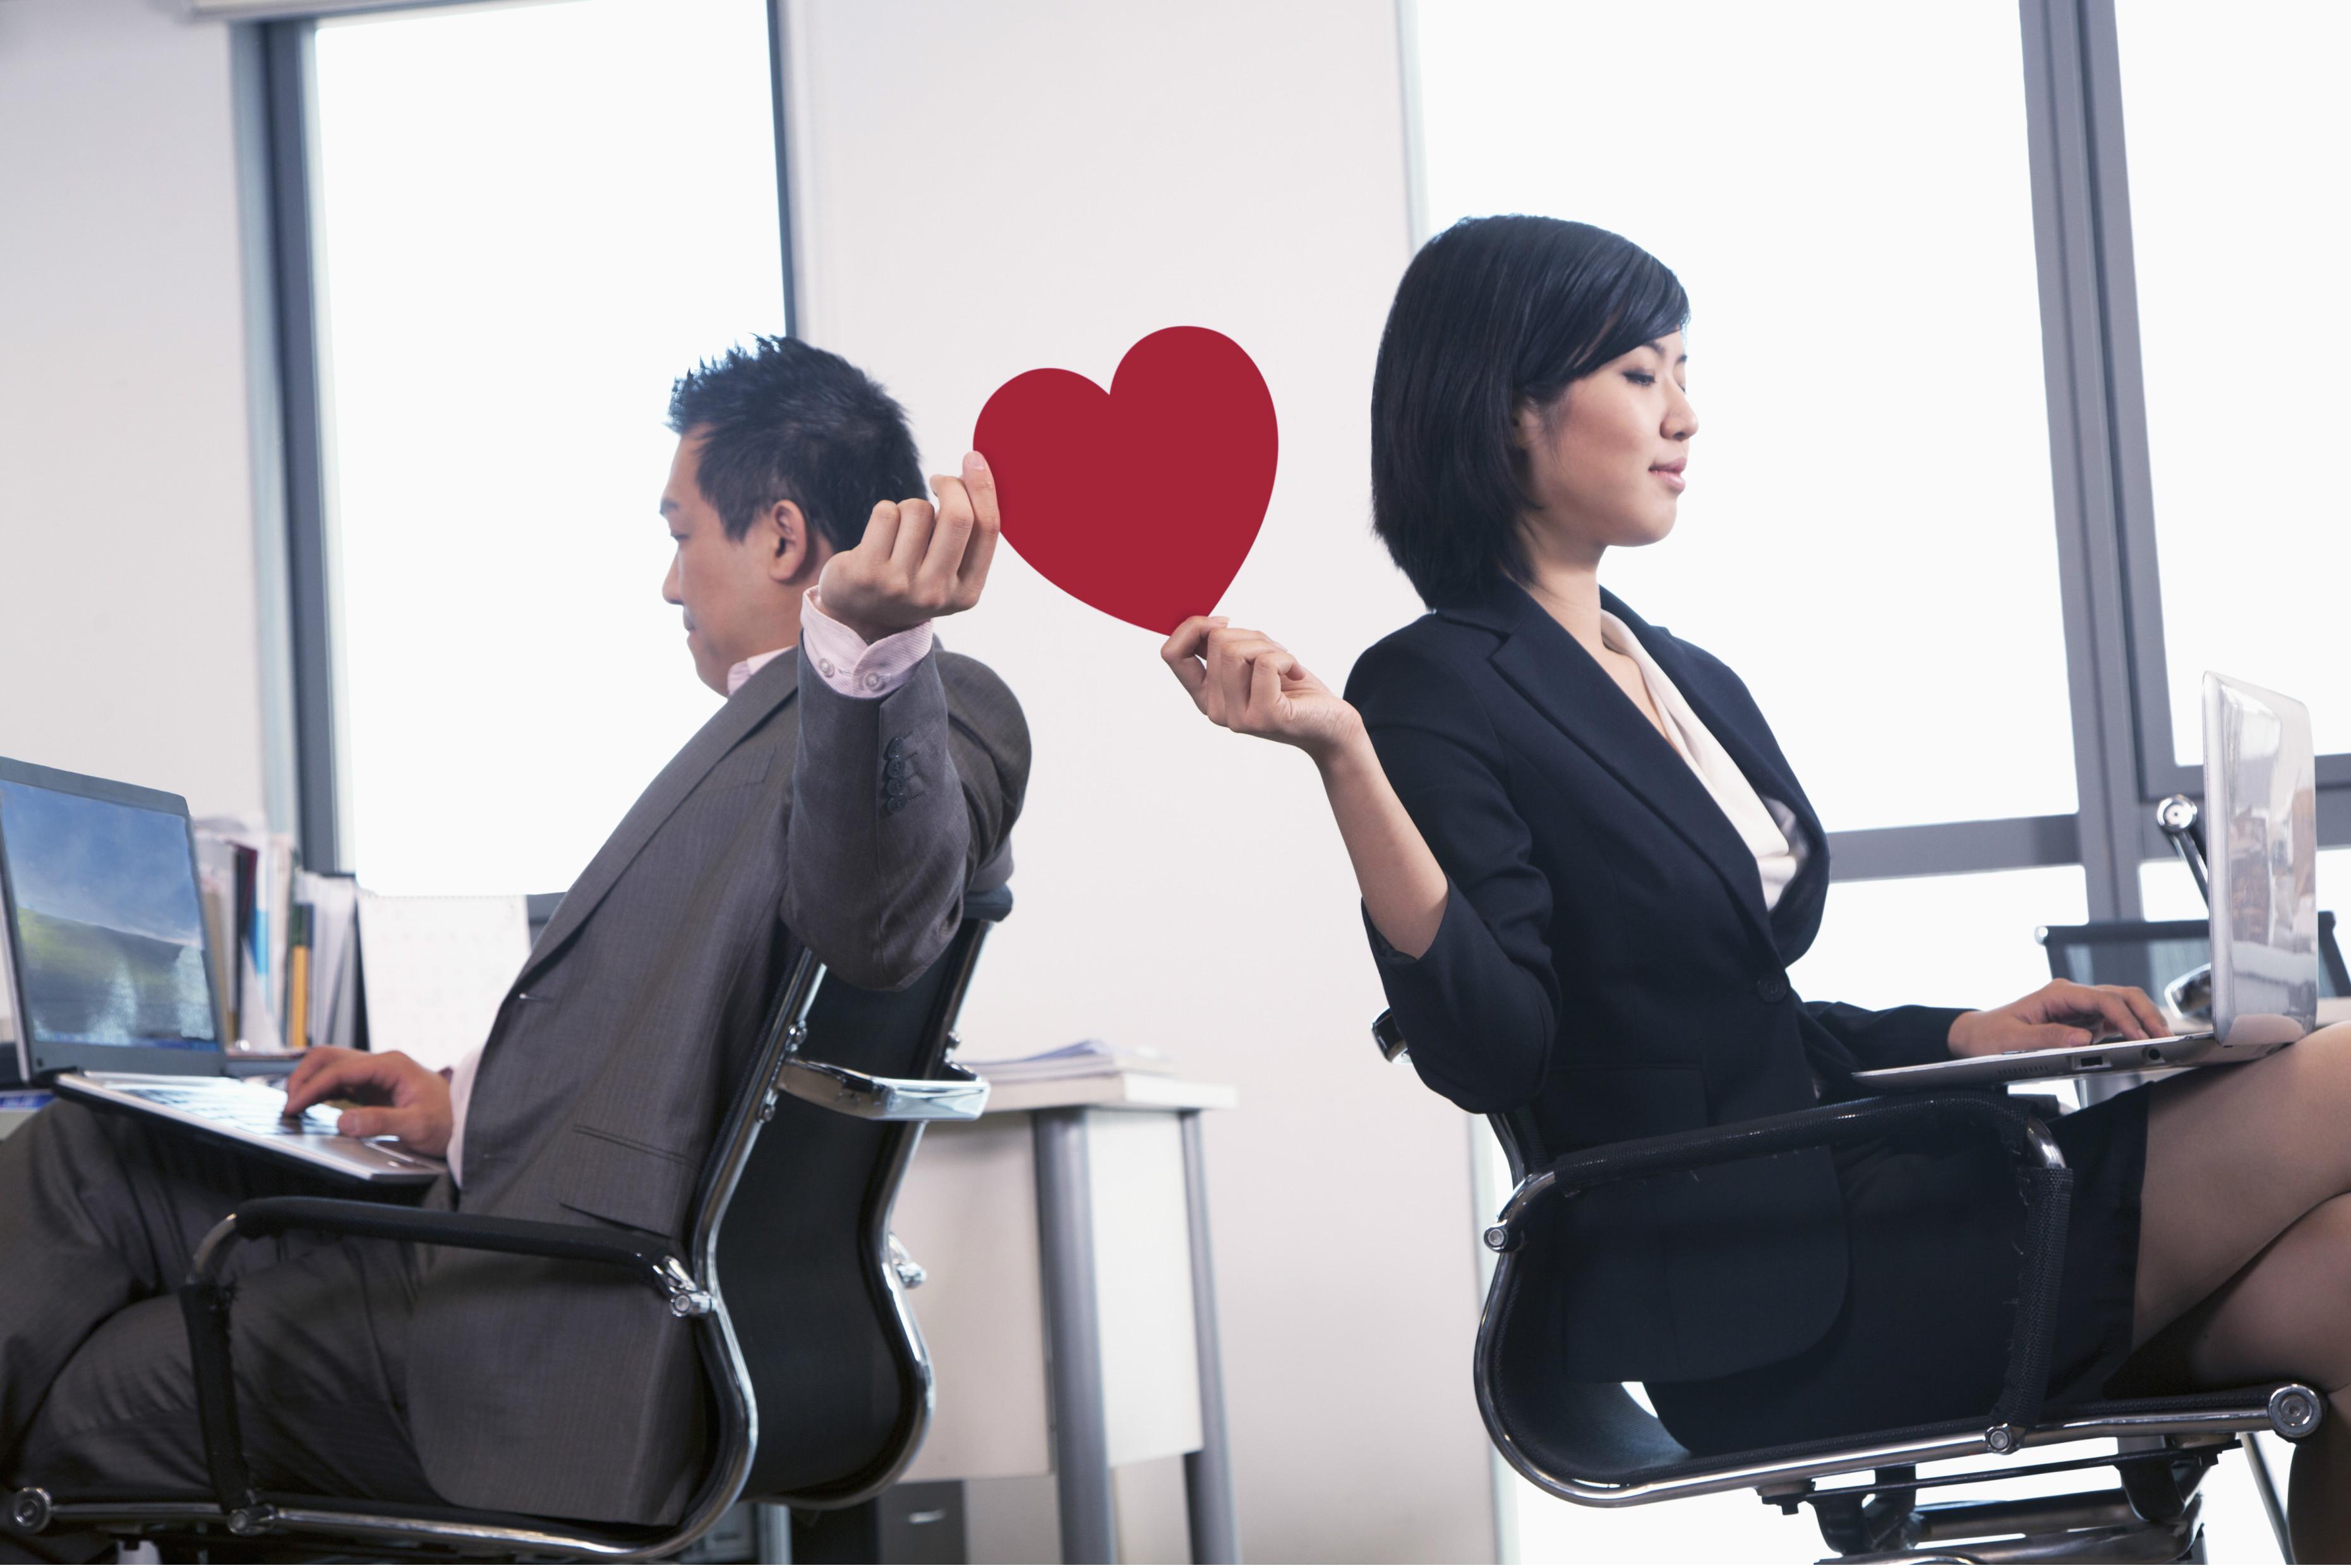 Секс в шефам, Секс с секретаршами - качественное бесплатное порно 5 фотография